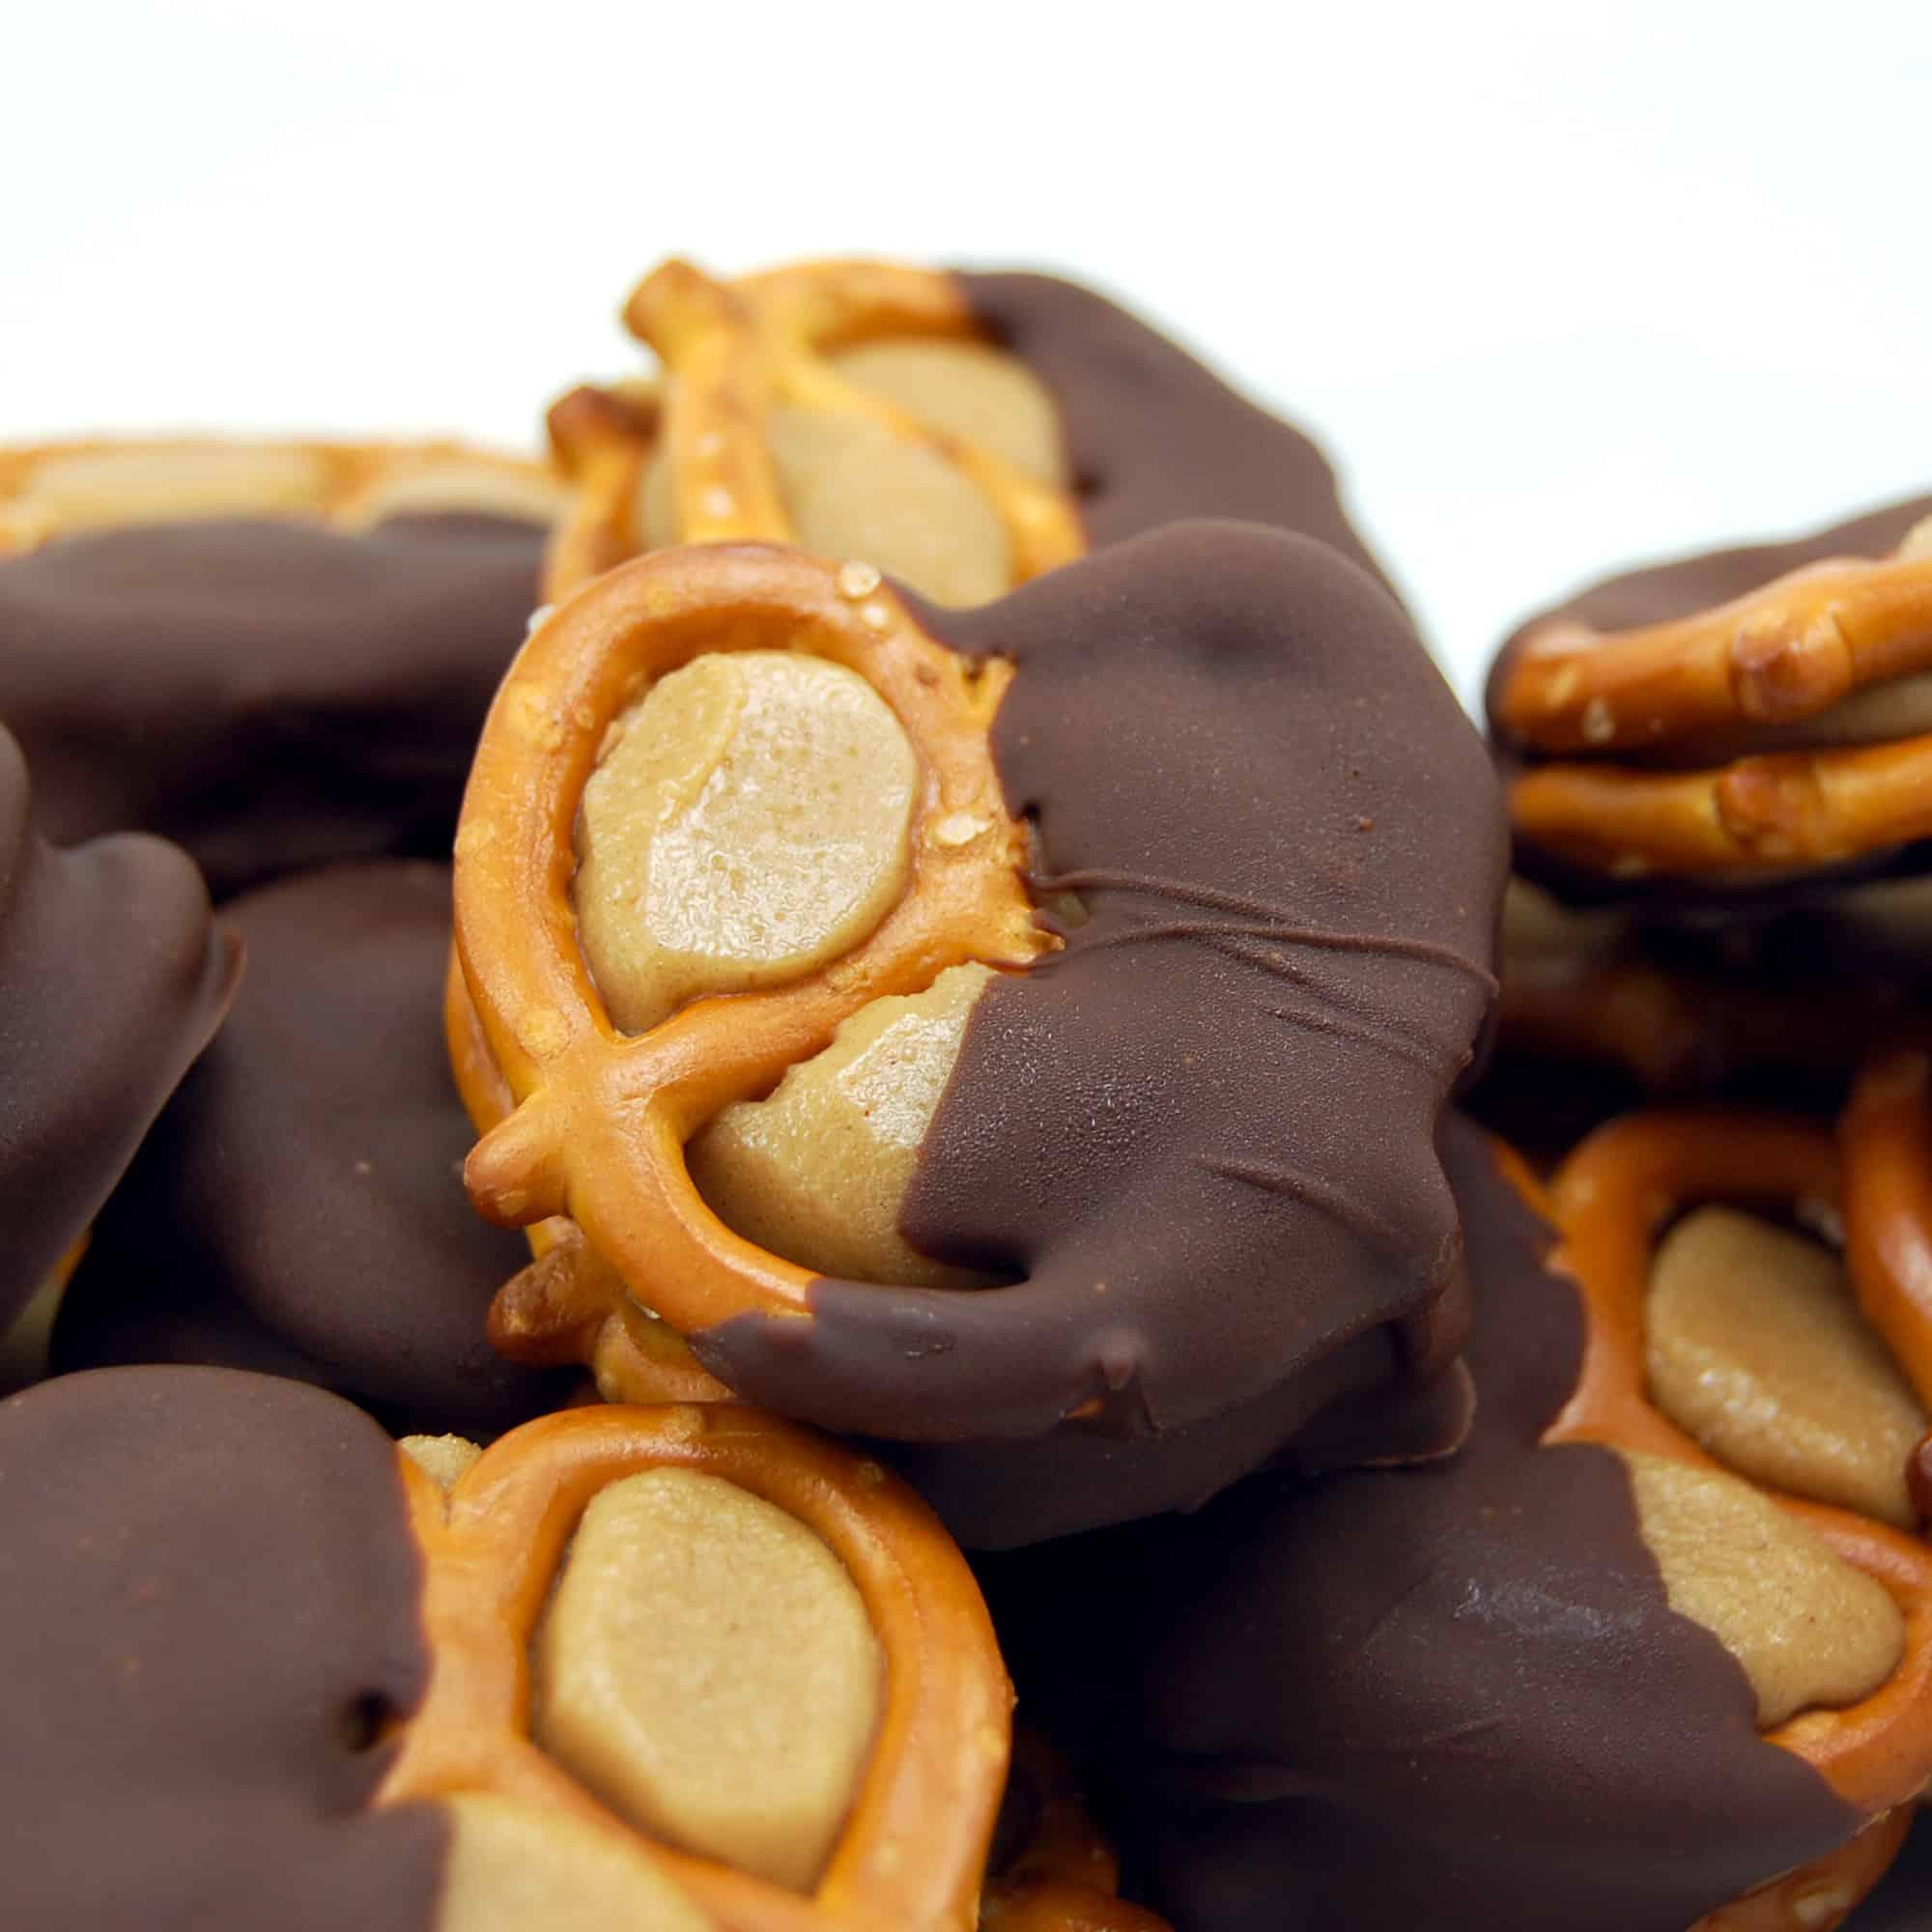 buckeye peanut butter pretzels in a stack